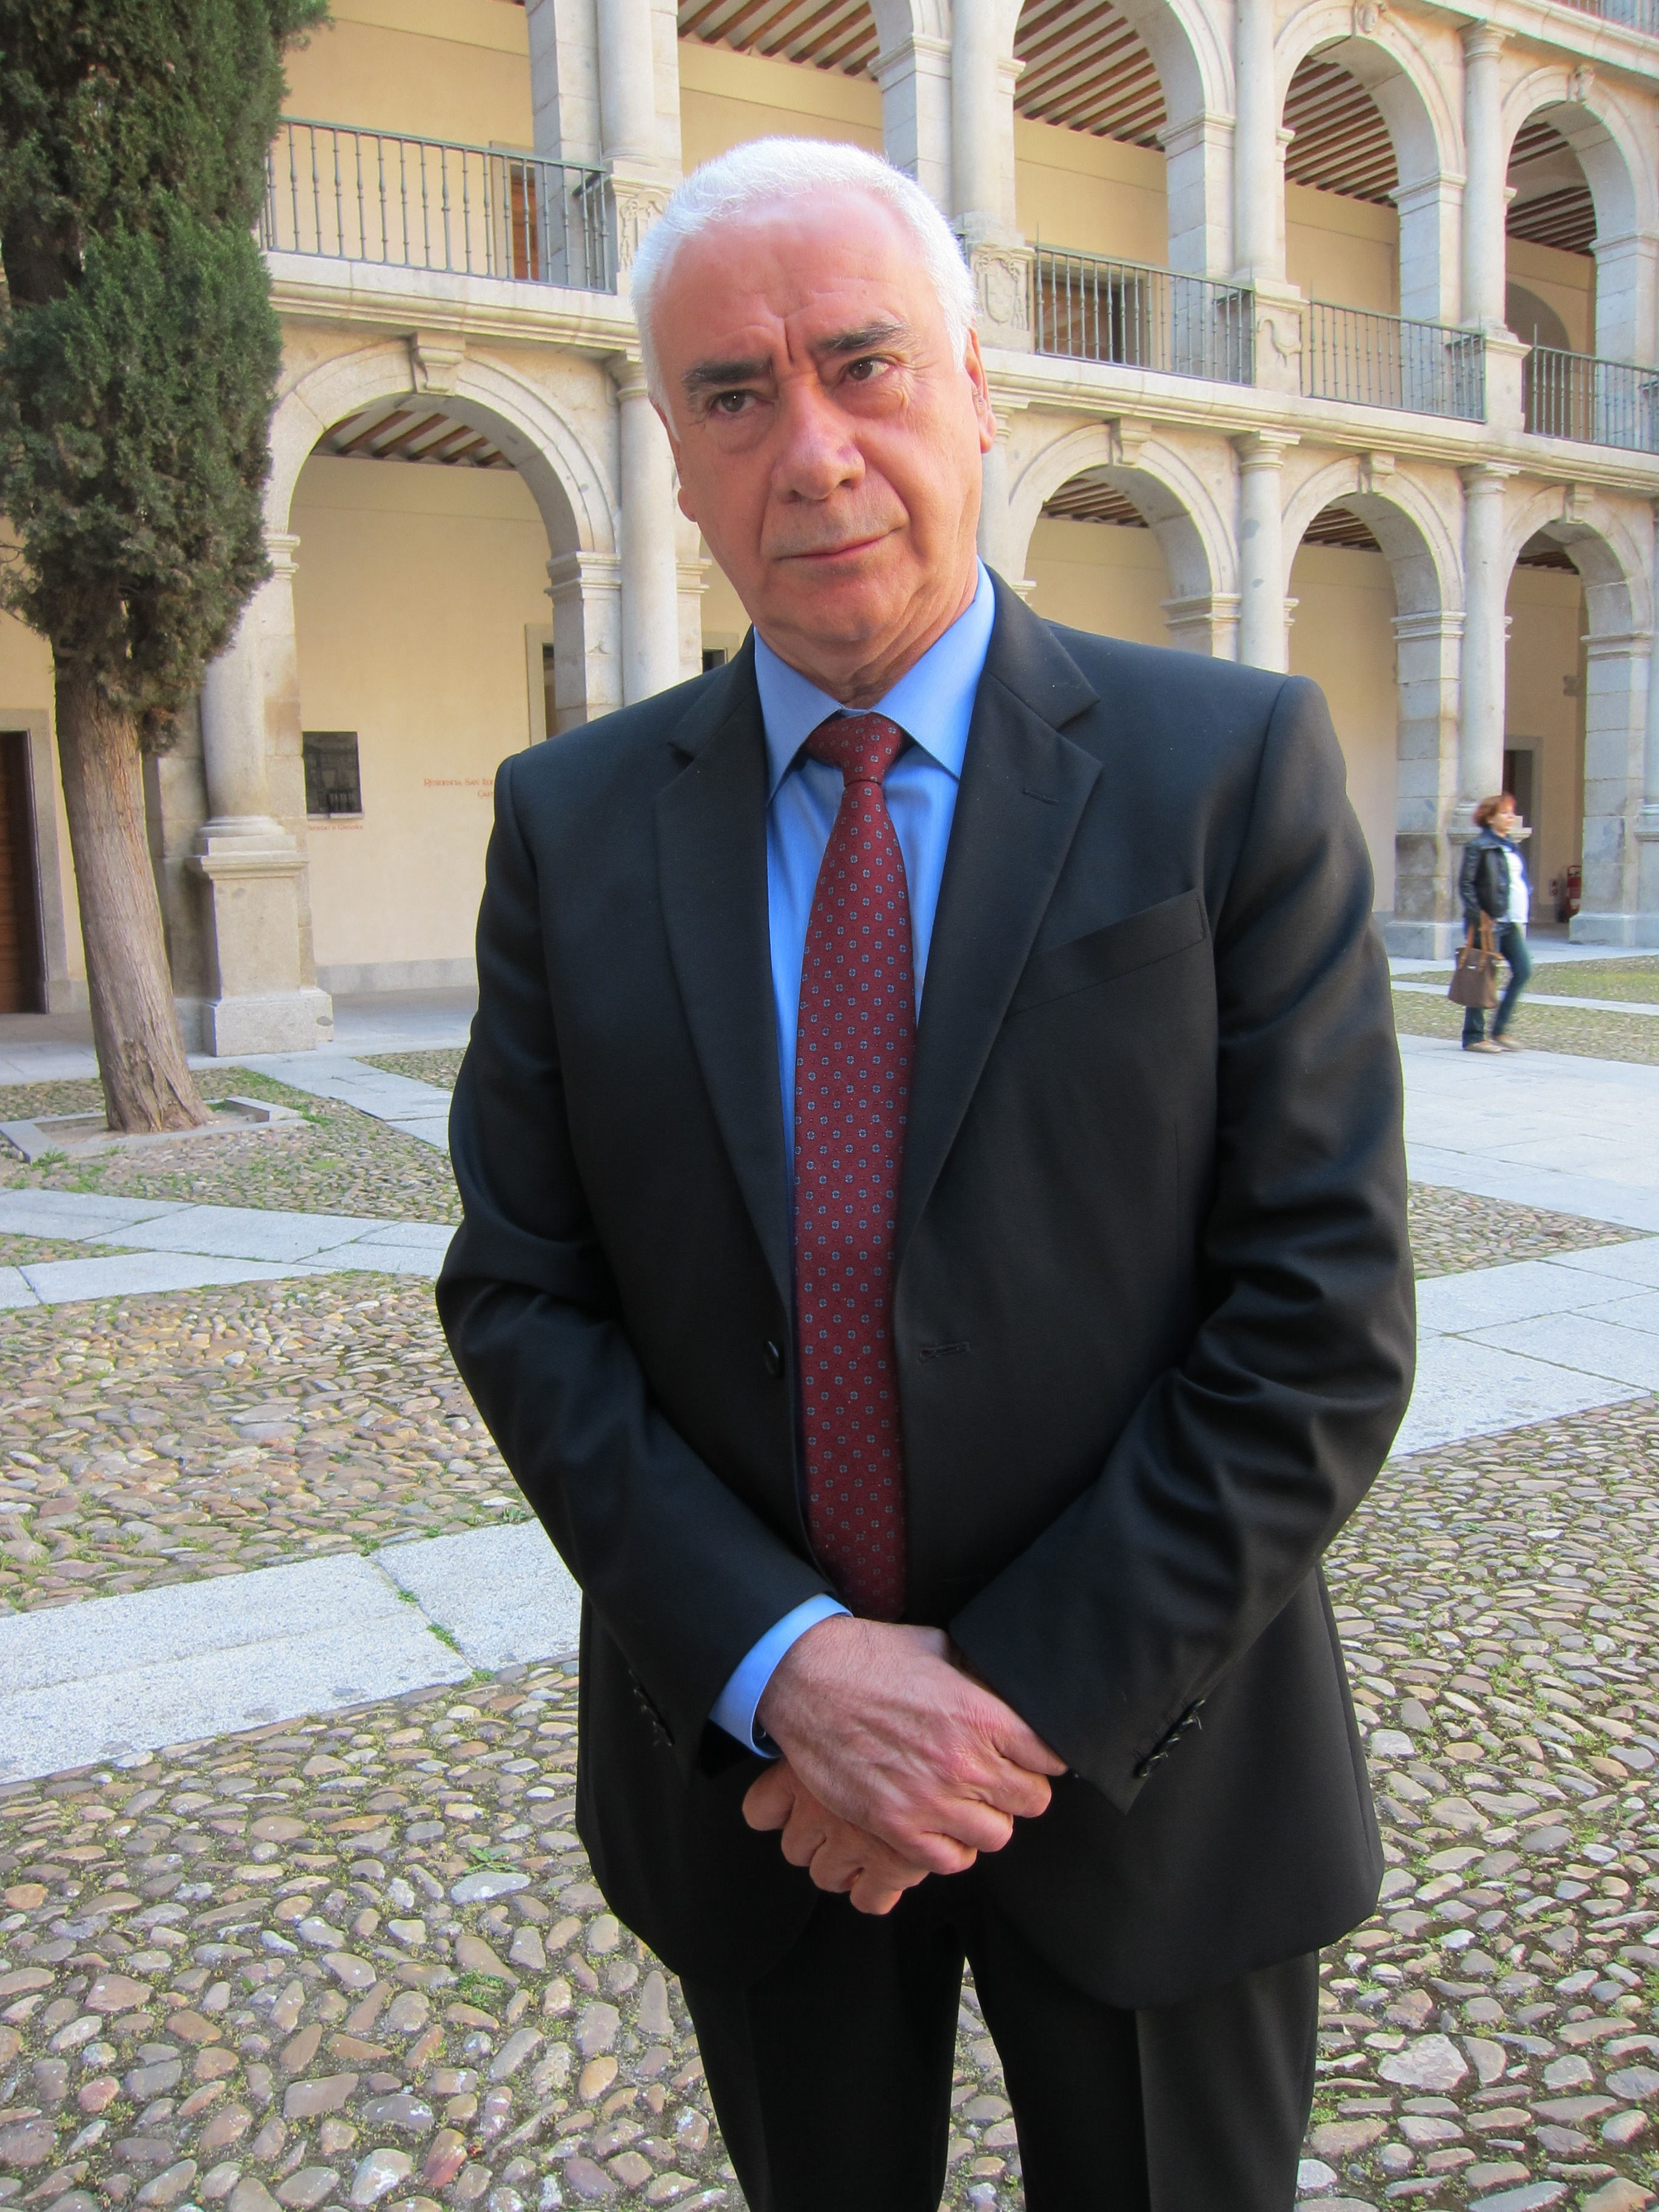 Luciano Alonso expresa su apoyo a Susana Díaz si opta a las primarias, destacando su «capacidad de diálogo y acuerdo»